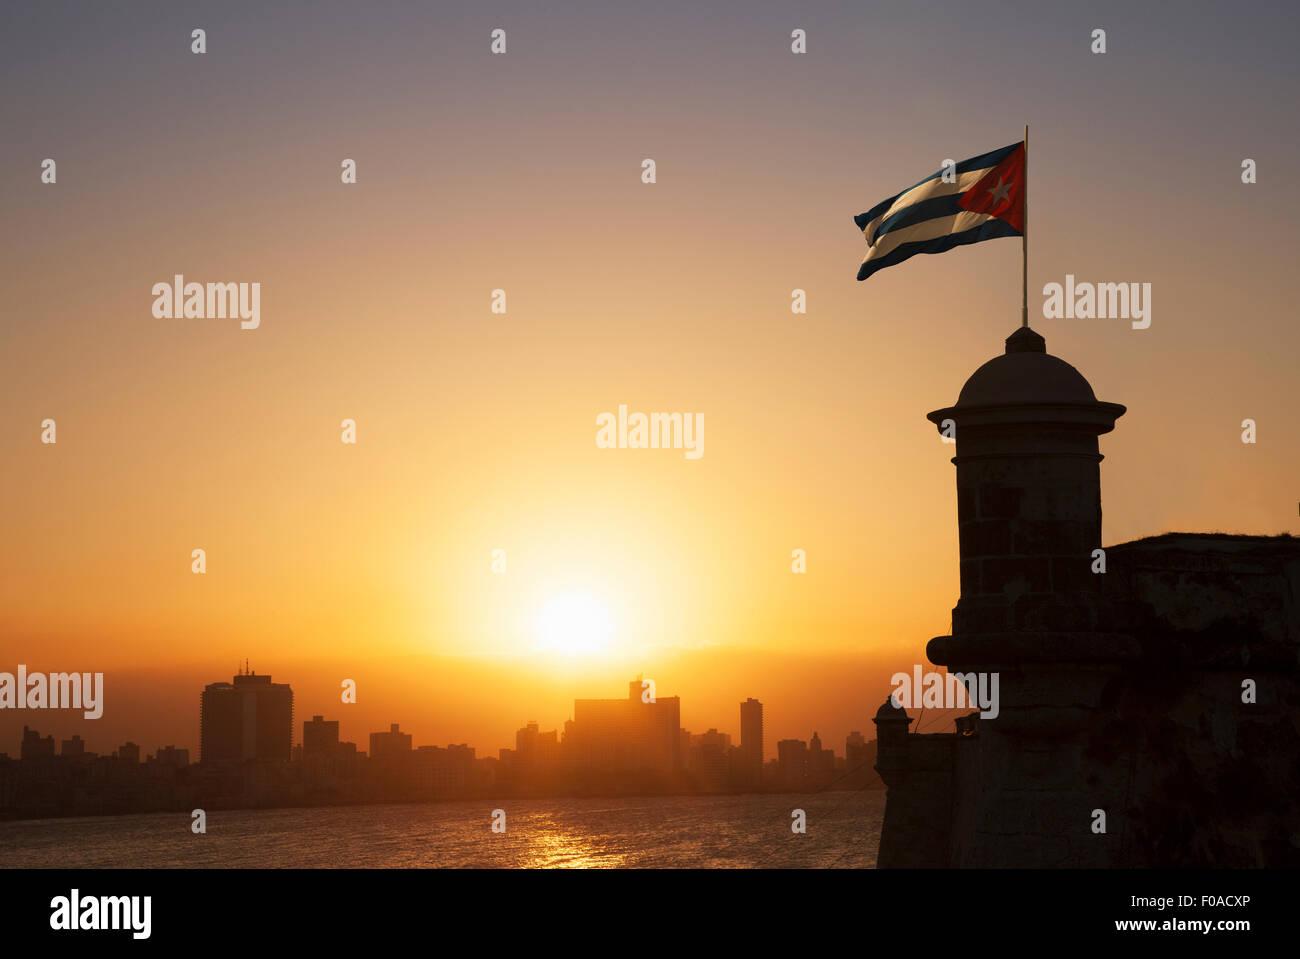 Bandera cubana en la Fortaleza del Morro al atardecer, La Habana, Cuba Imagen De Stock